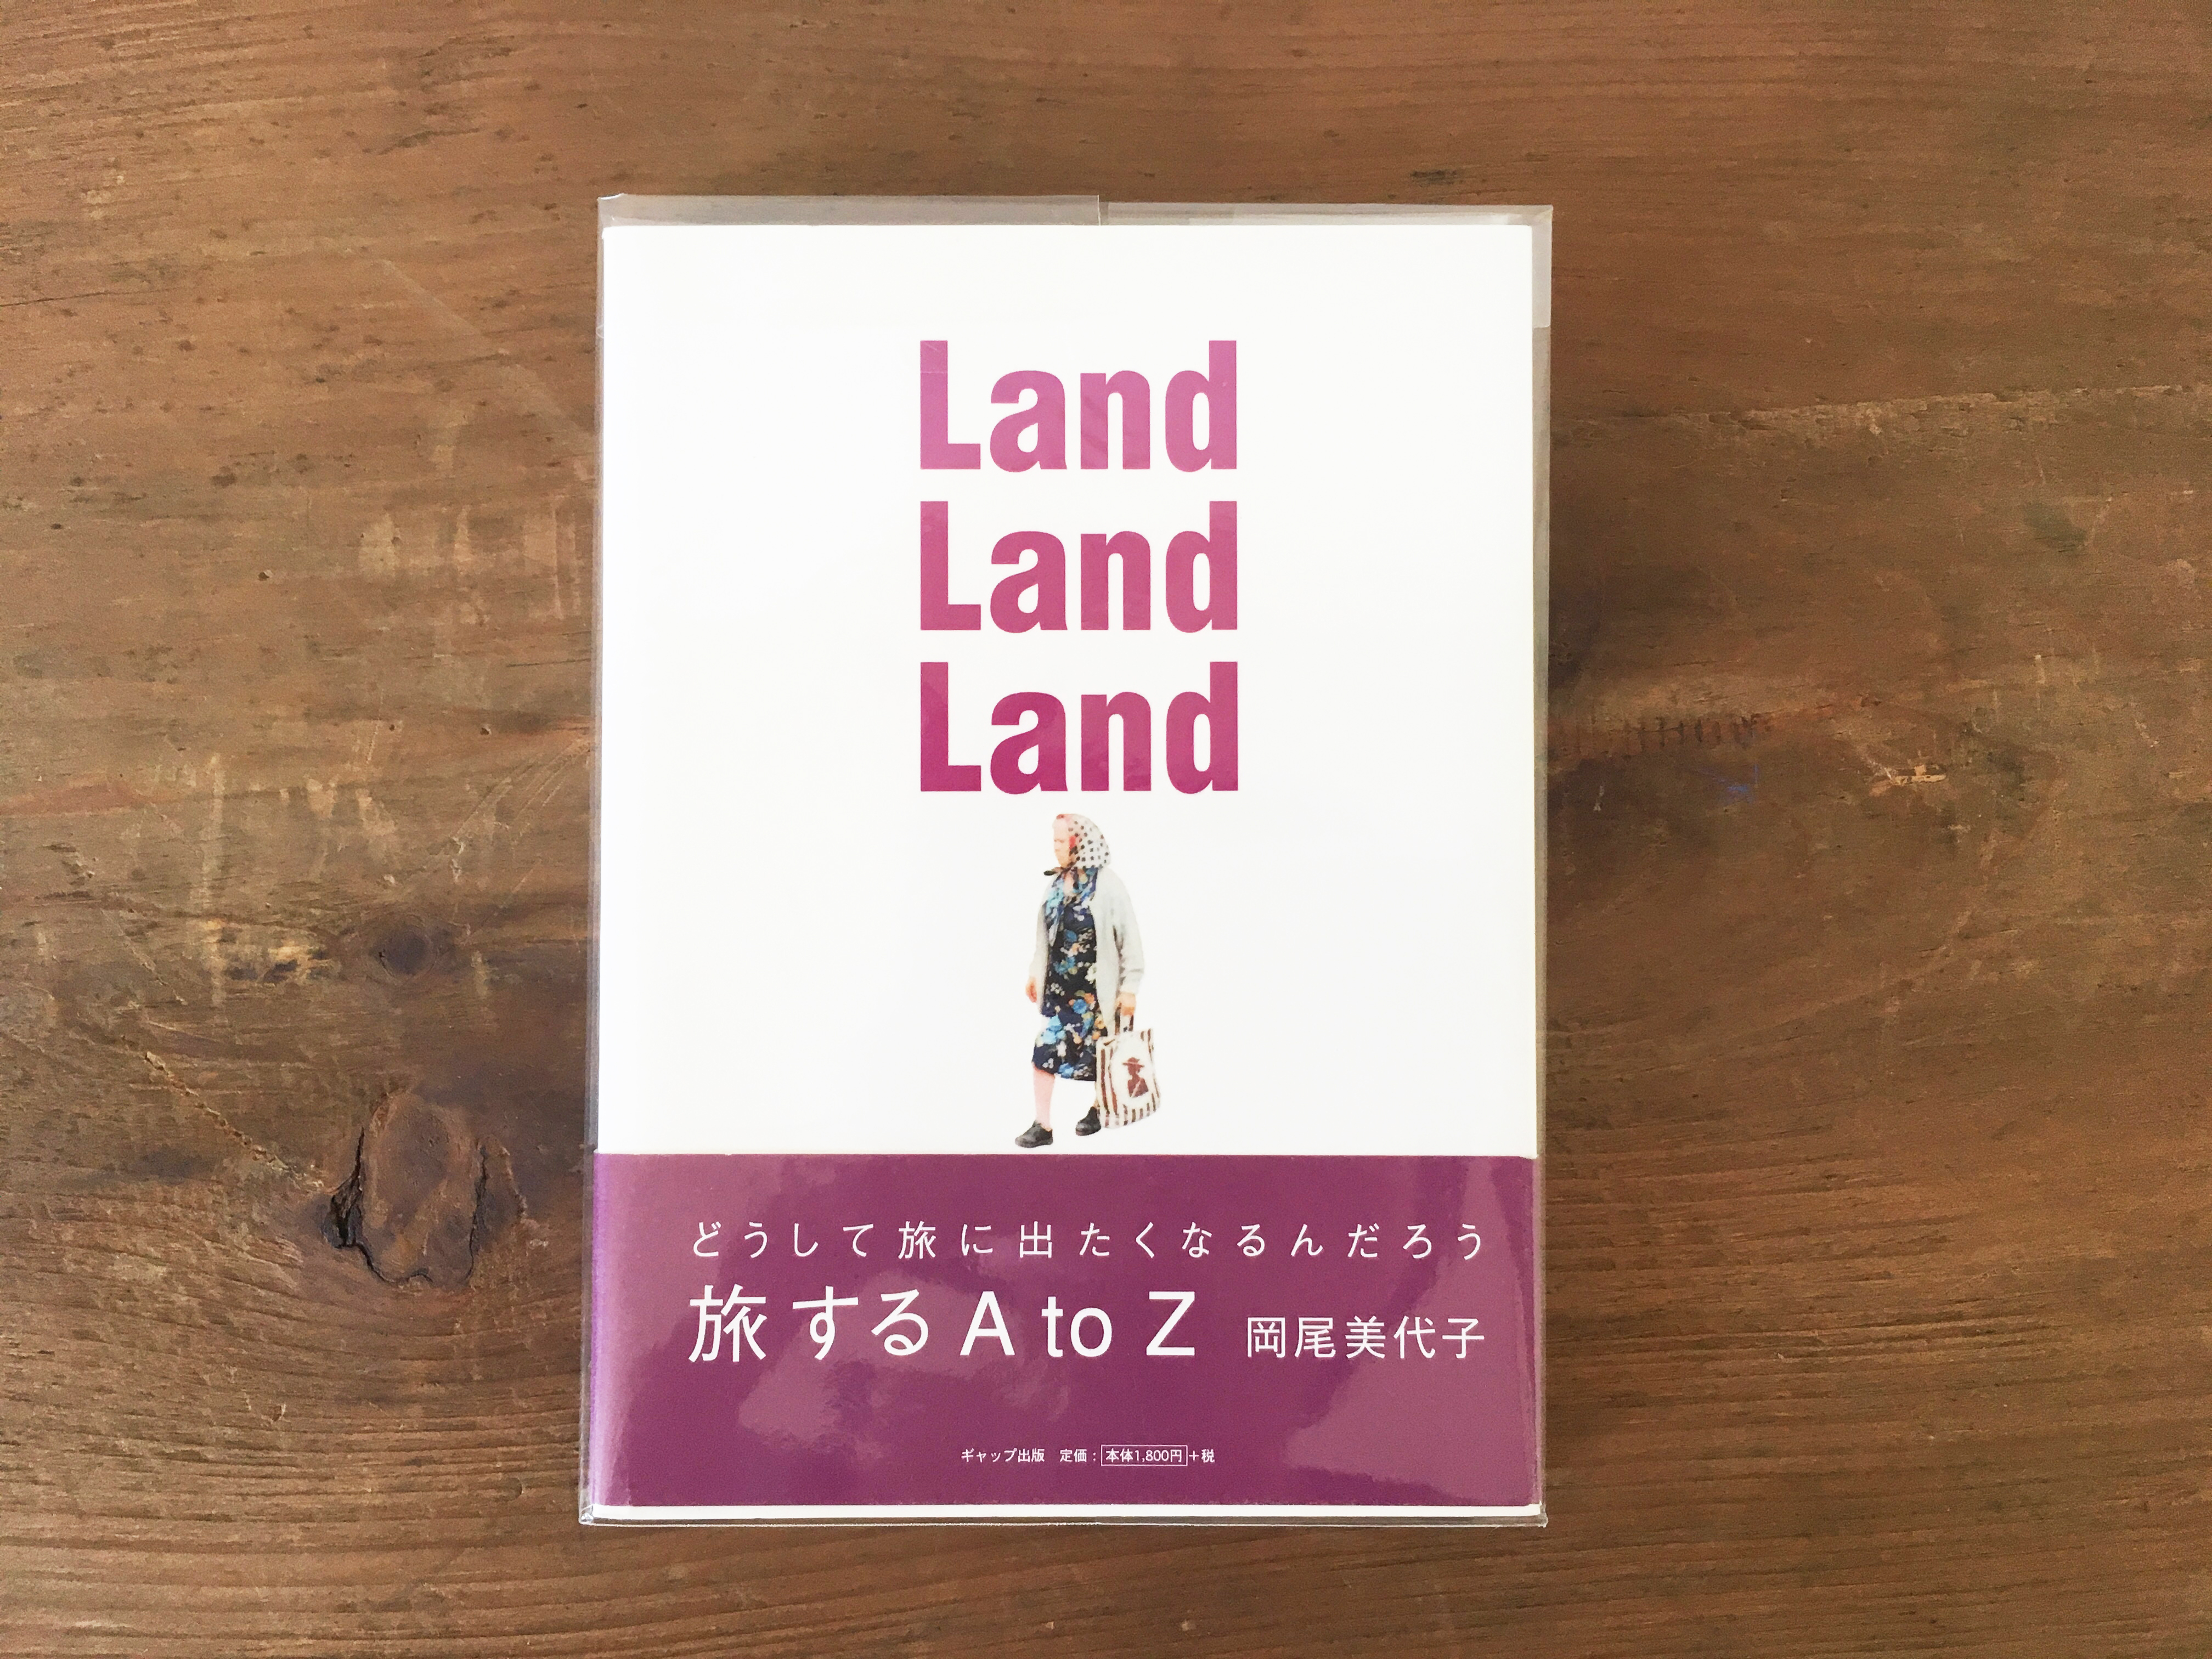 [古本]Land Land Land 旅するA to Z / 岡尾美代子